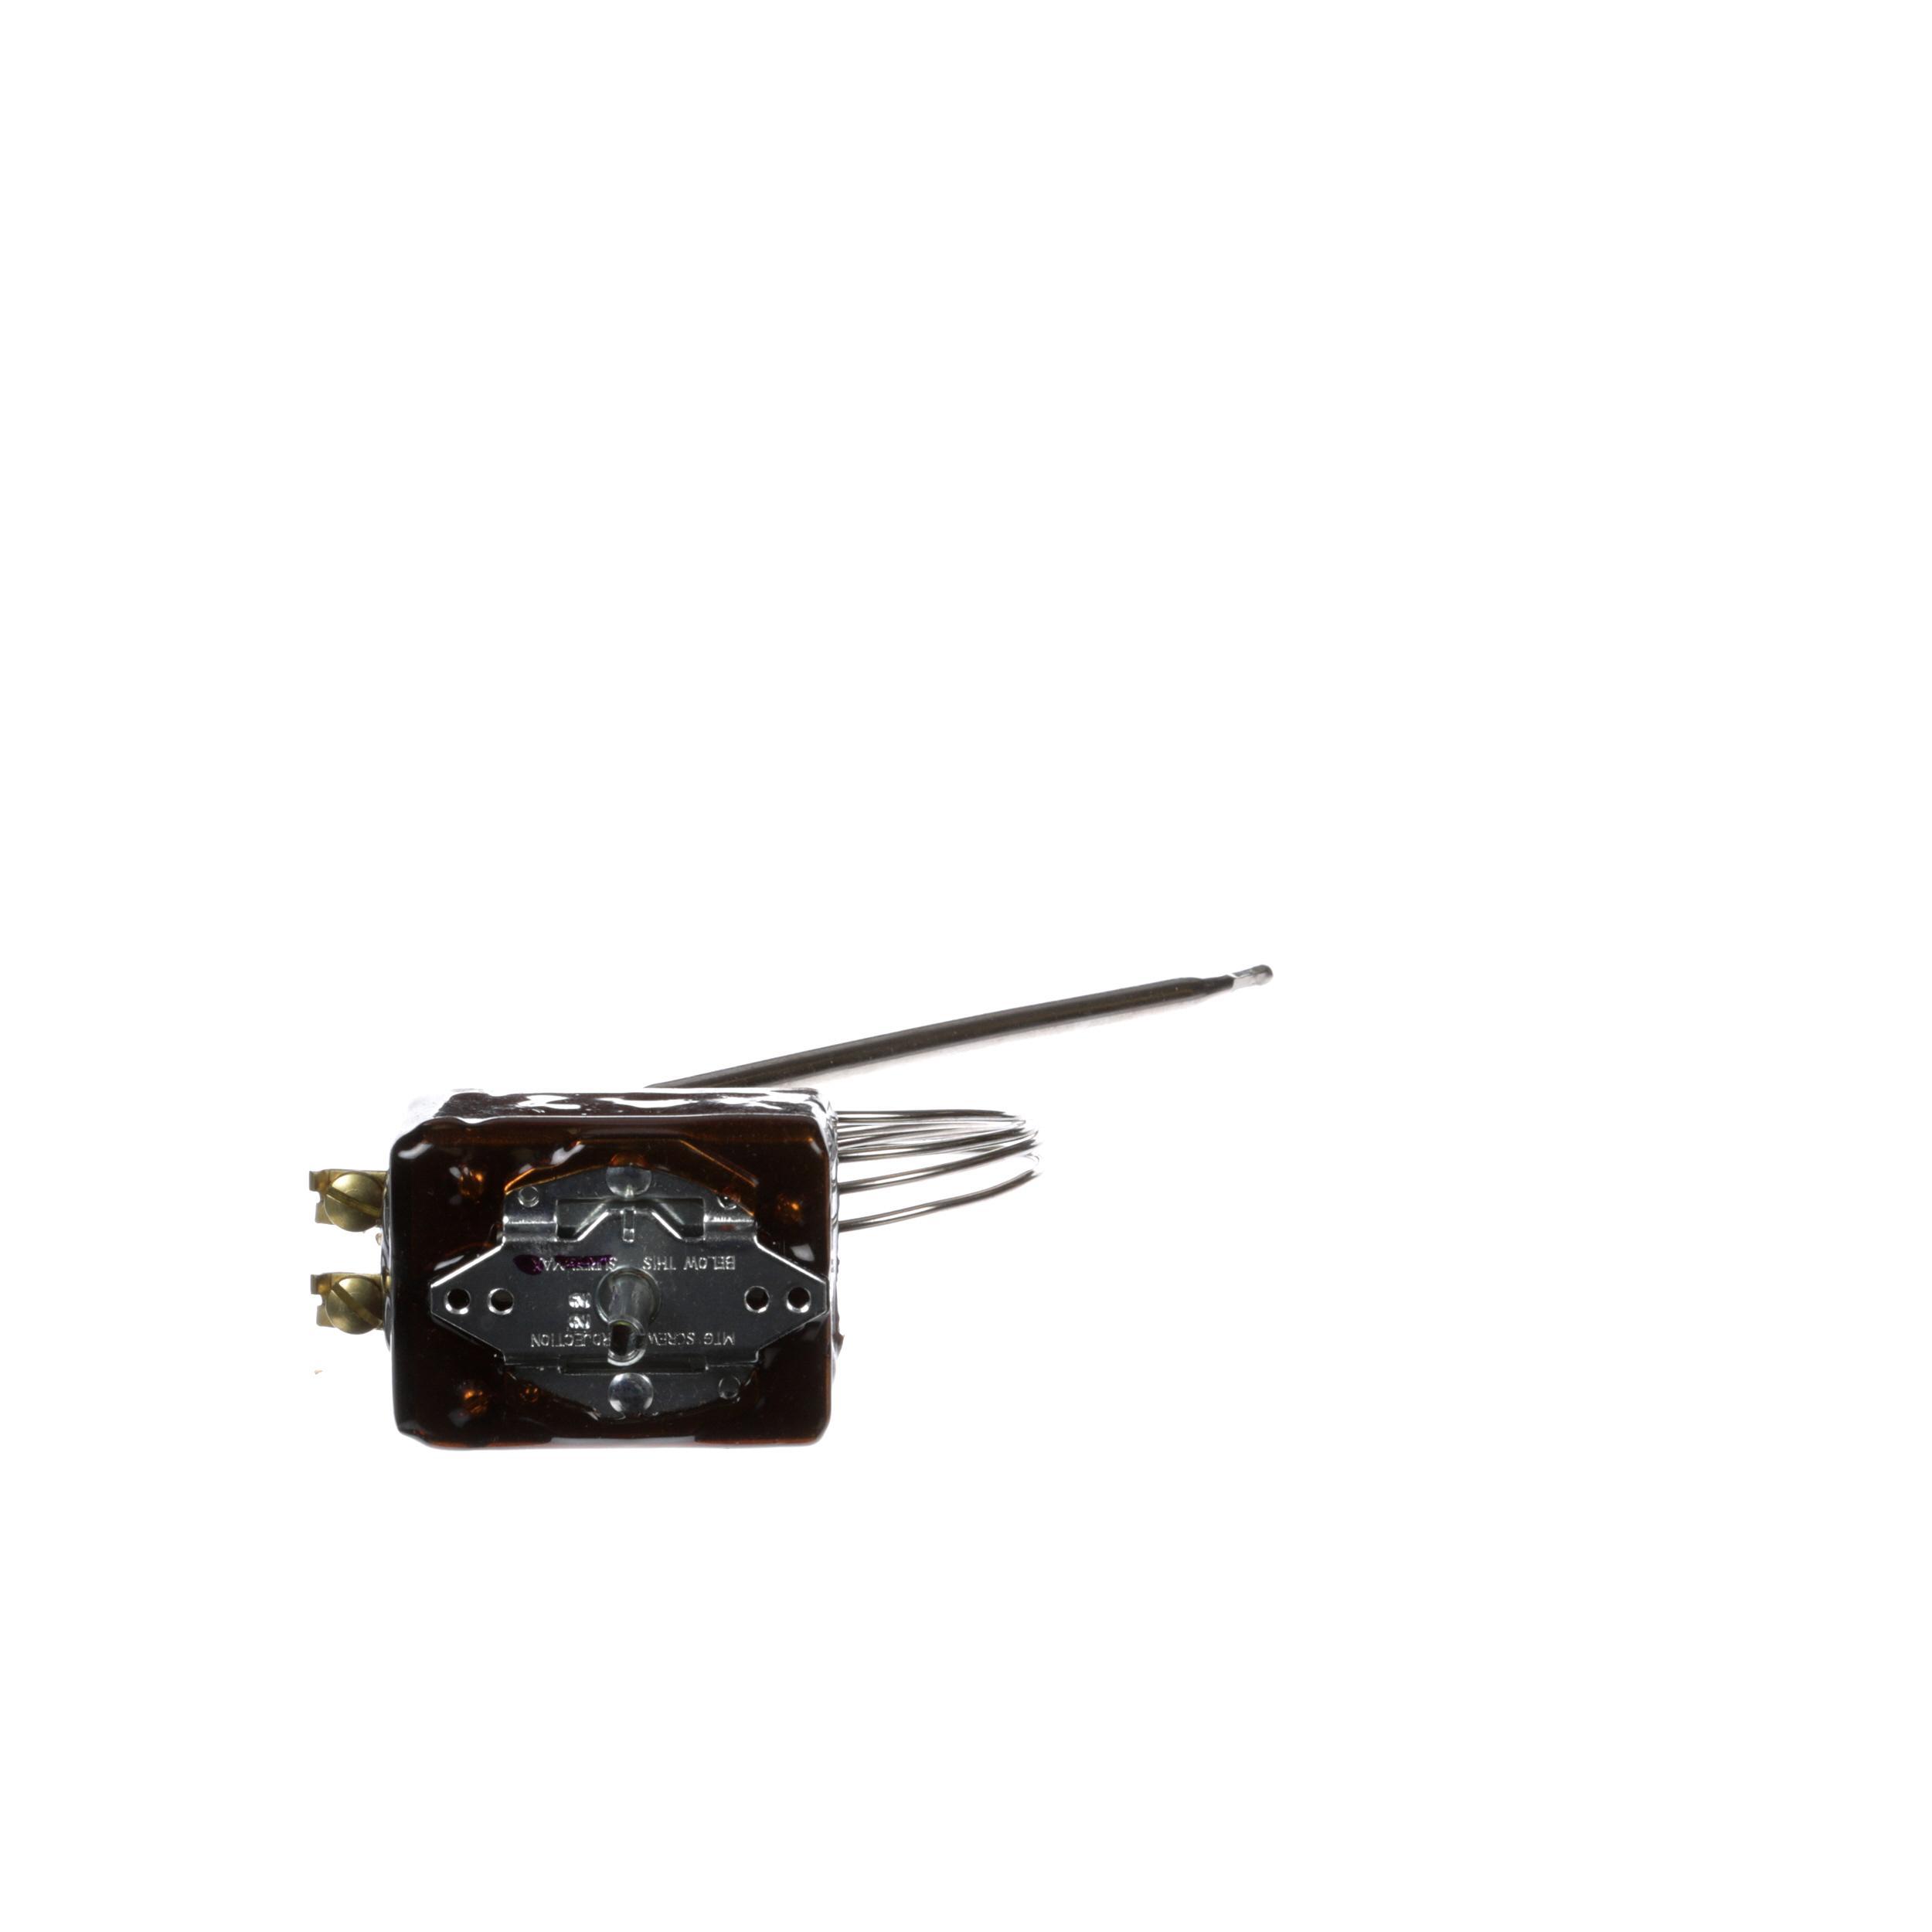 WIT00 960741 100 [ haynes manual 96 sunfire ] delfield element htg 208 230v  at gsmx.co